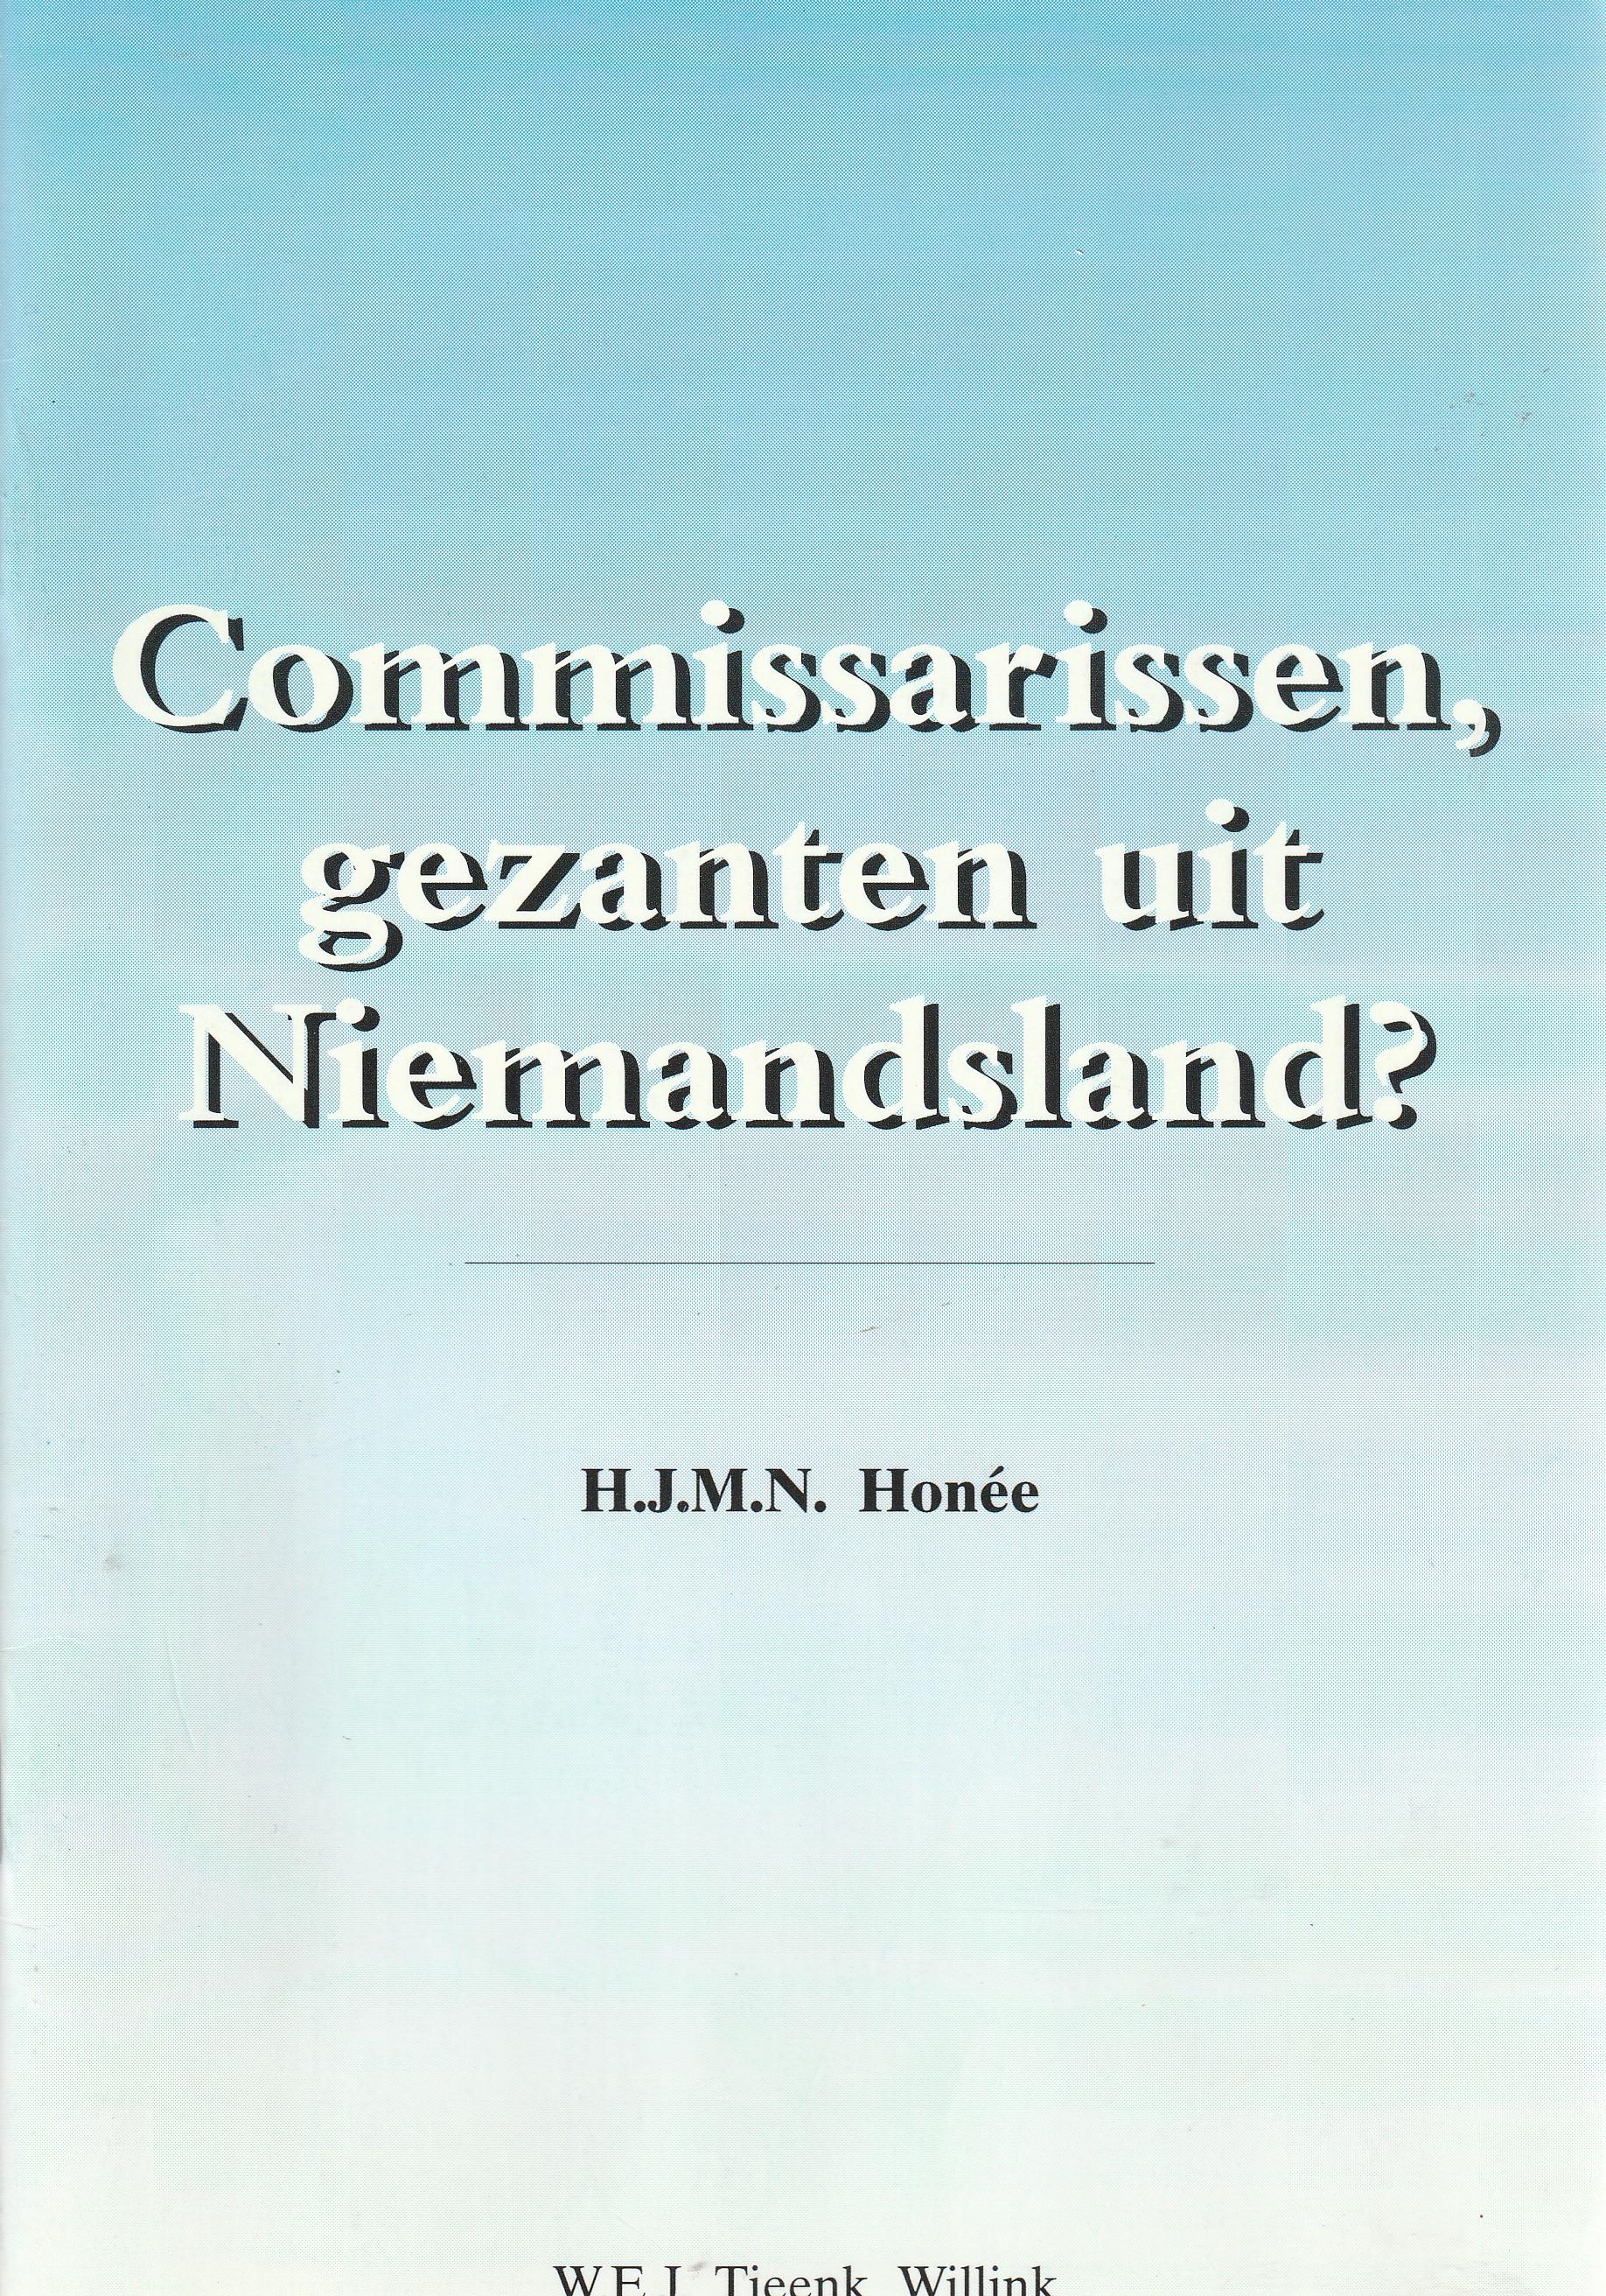 Commissarissen, gezanten uit Niemandsland? - Rede 1996